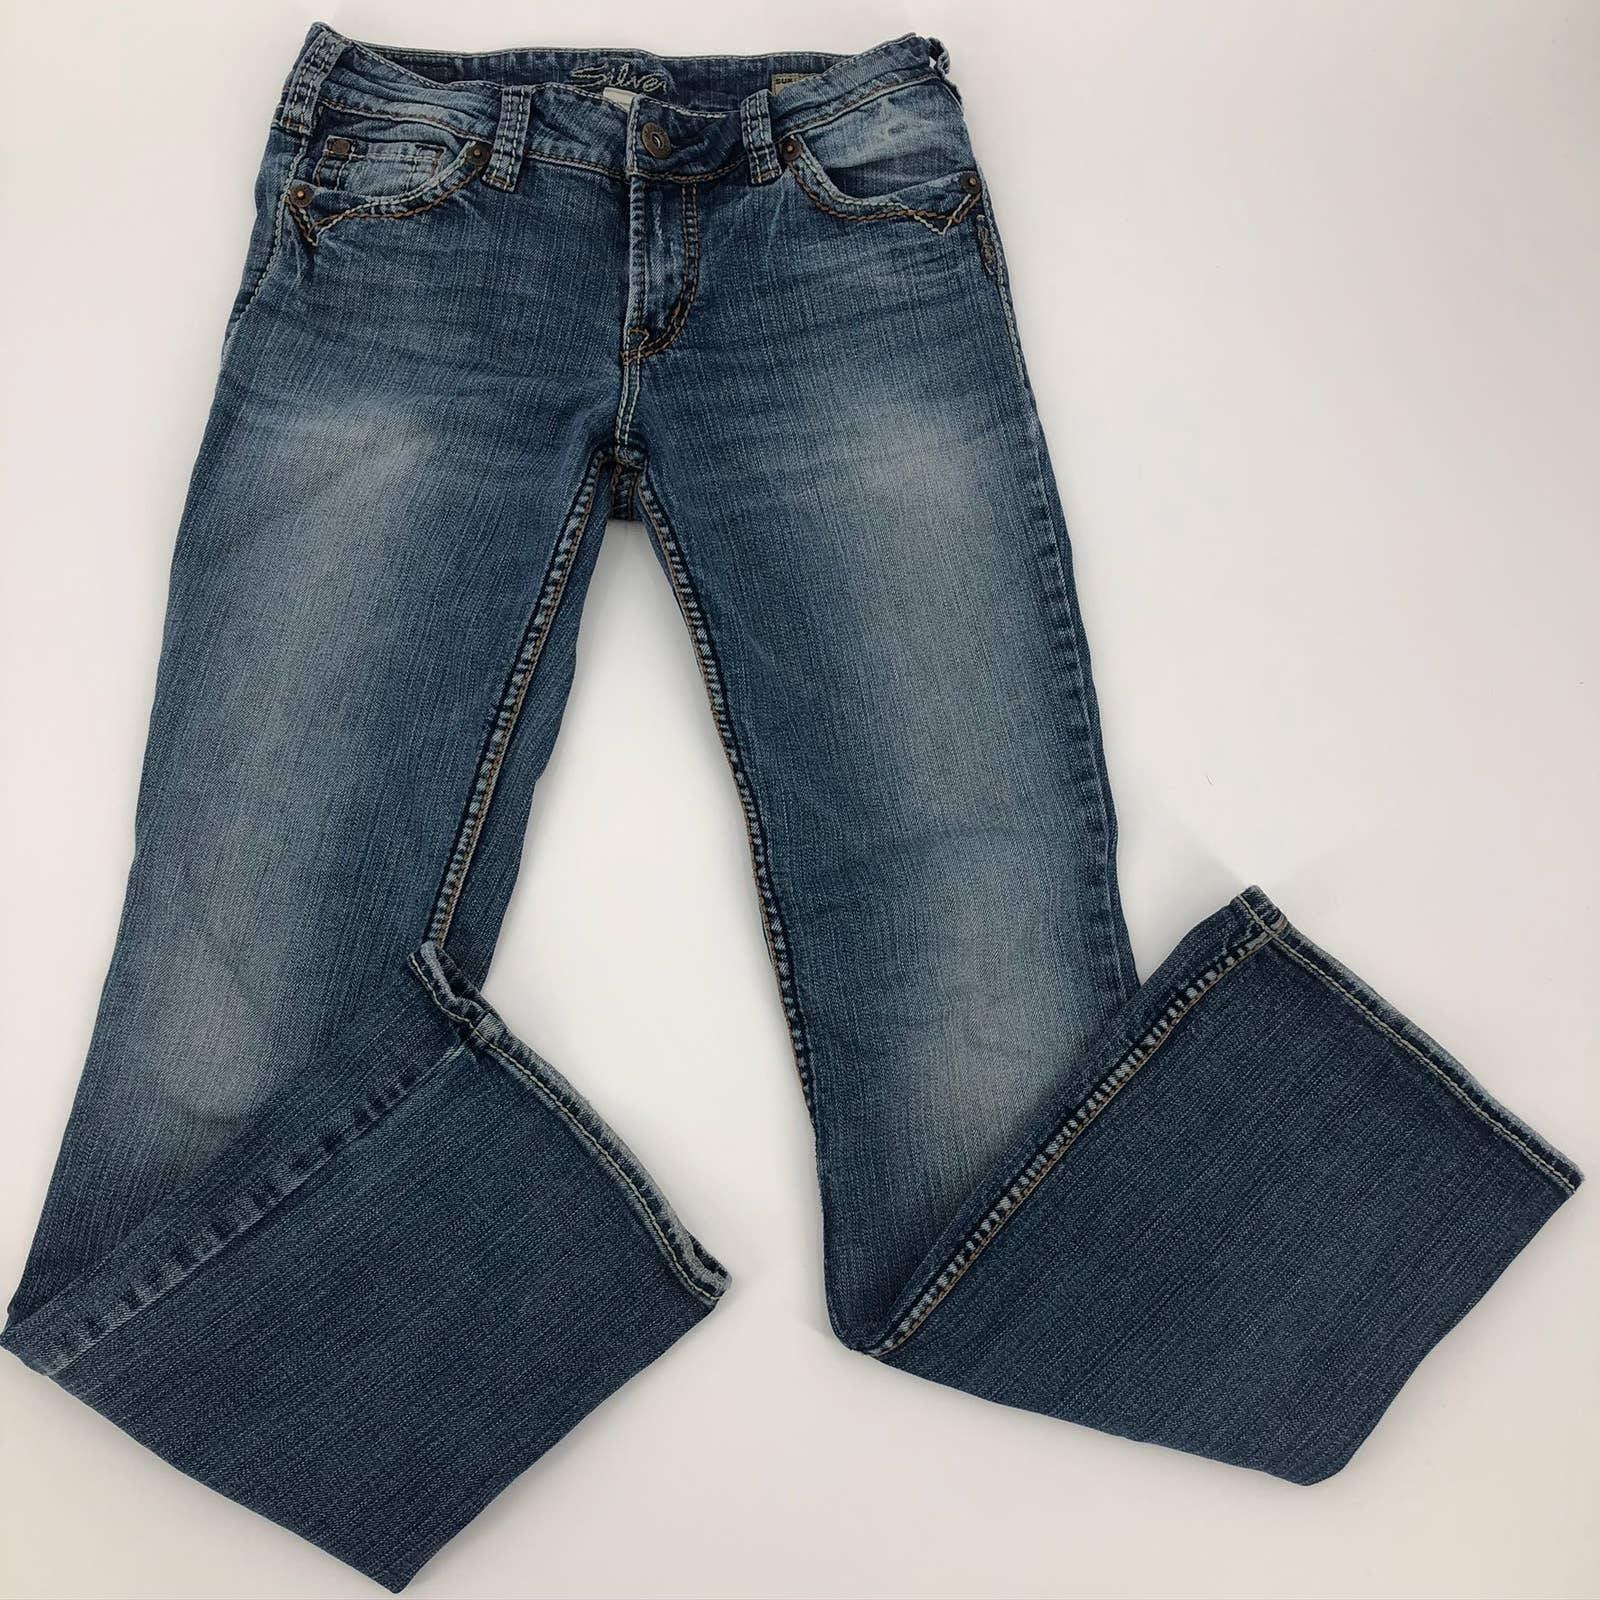 Silver Suki Surplus Bootcut Jeans 27/32